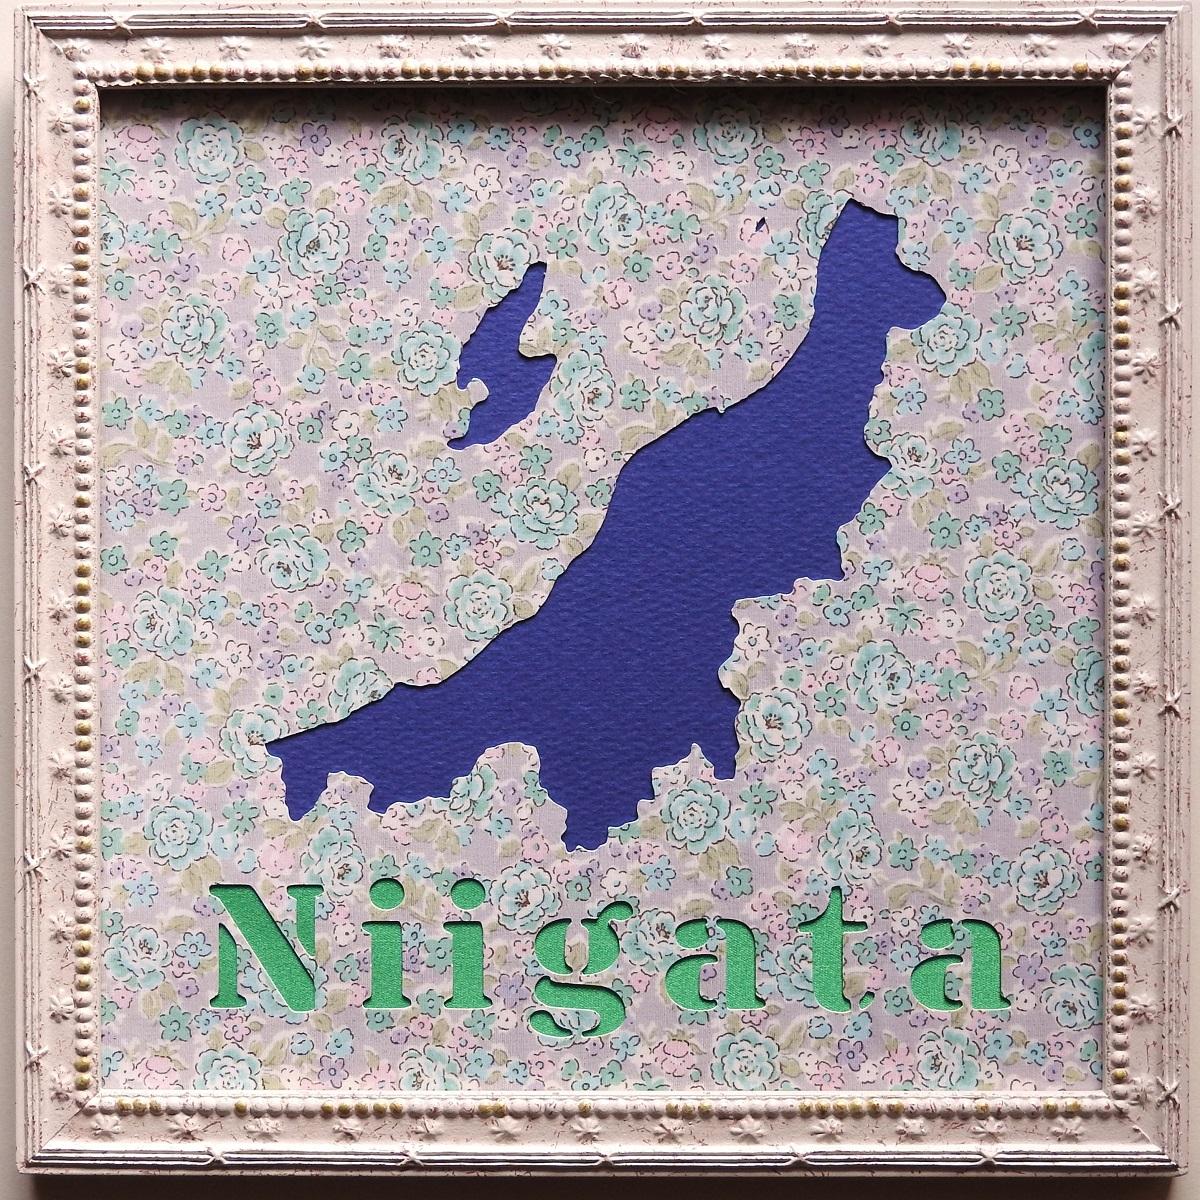 まいたけの生産量日本一!新潟県の地図をモチーフにした壁飾りです。220mmの正方形です。